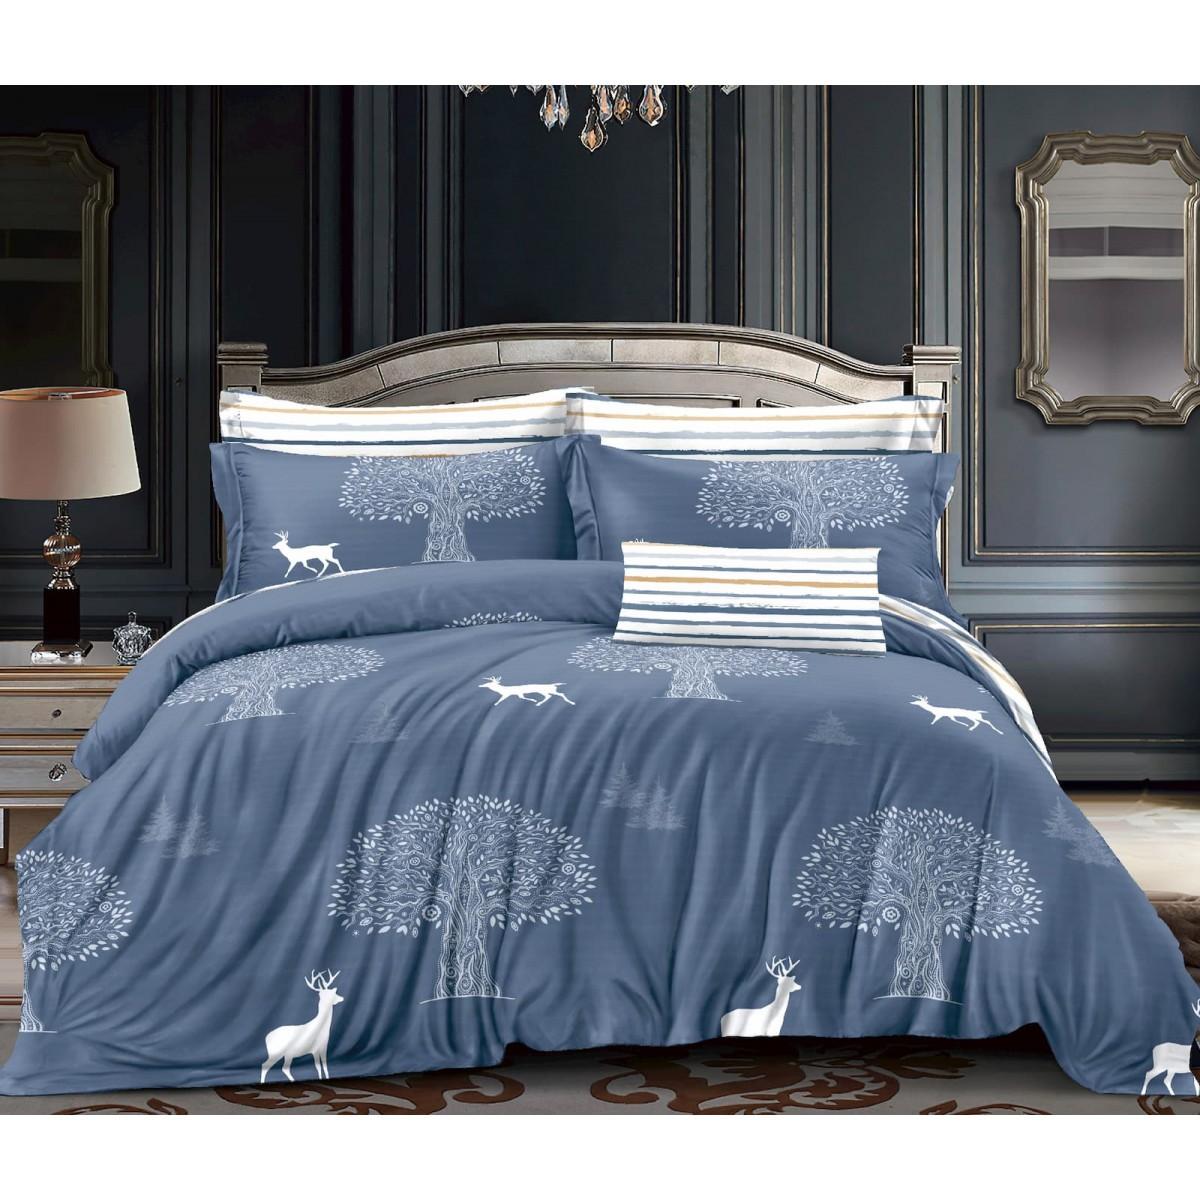 Комплекты постельного белья Бел-Поль bp707700